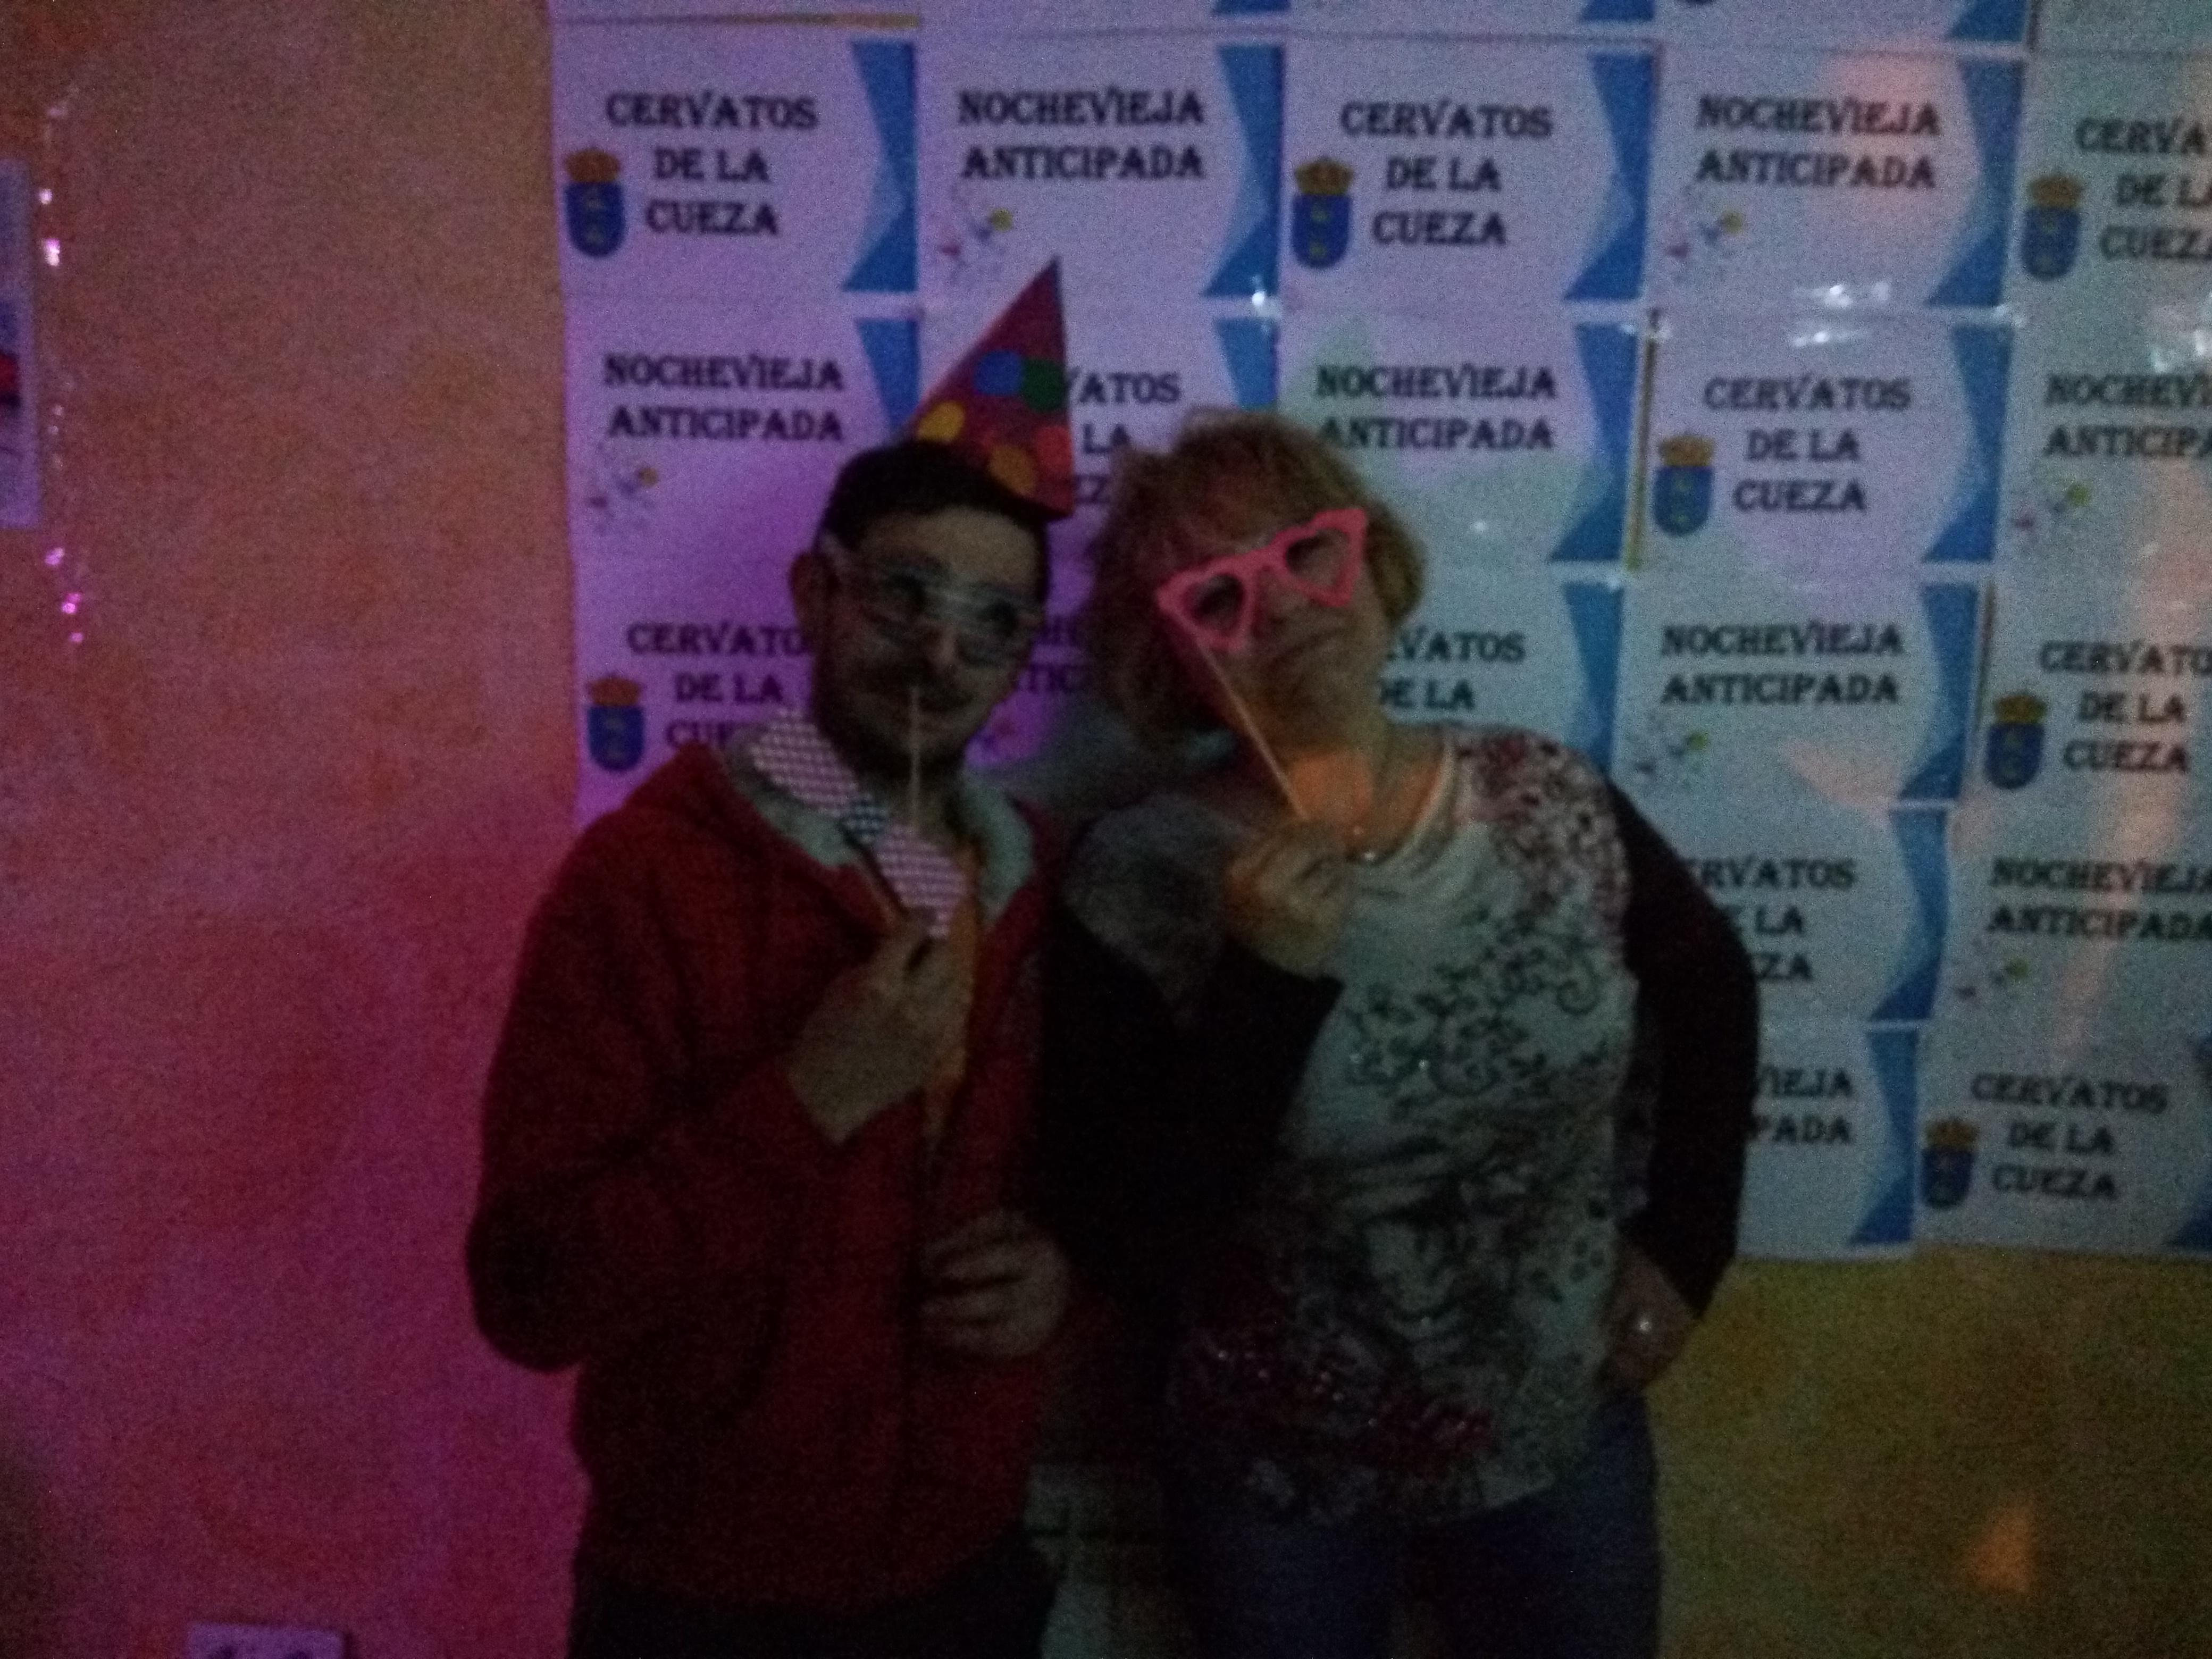 noche-vieja-anticipada-2016-14